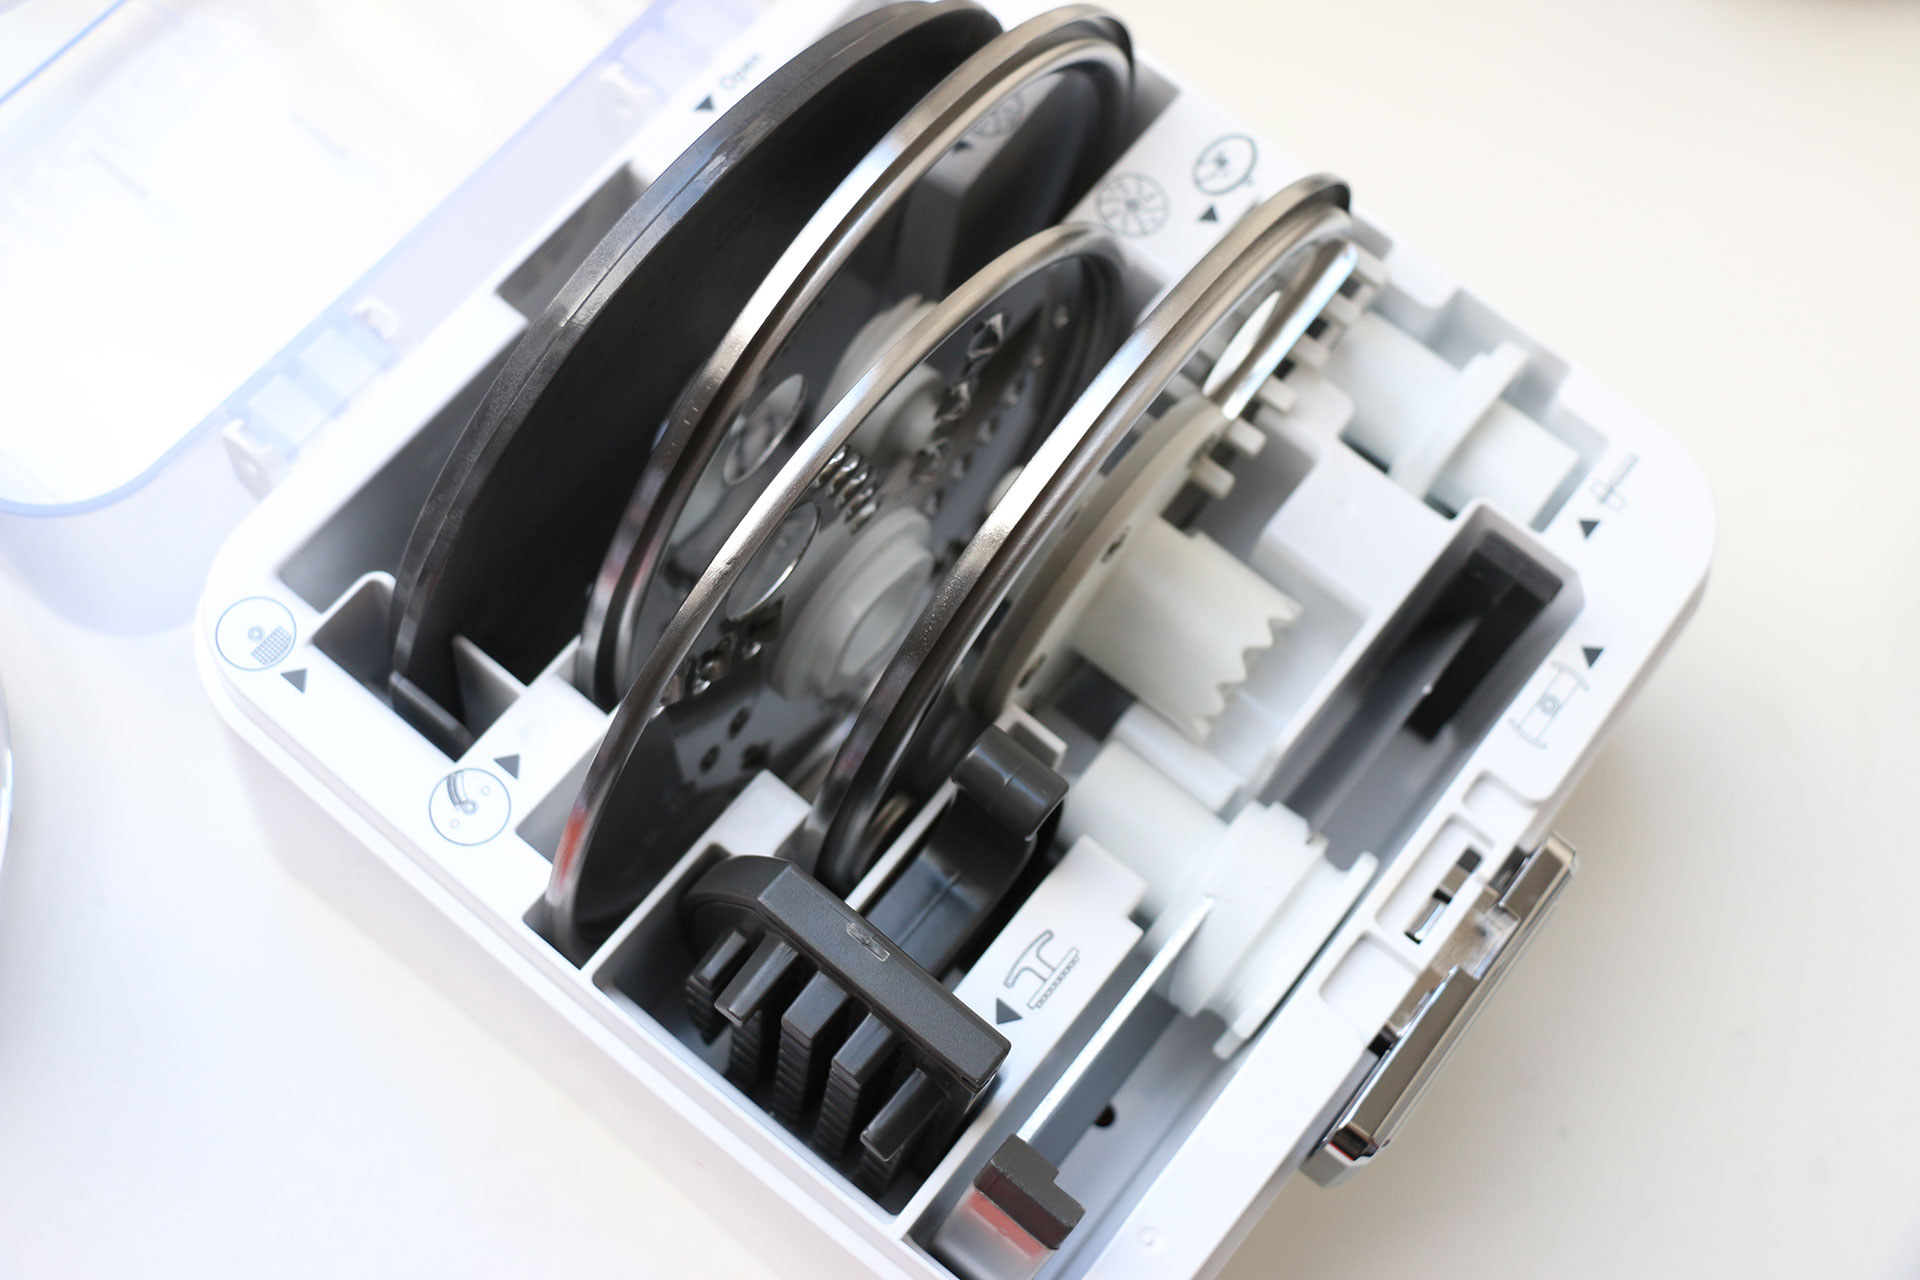 Review Kitchenaid Artisan Foodprocessor 5ksm2fpa